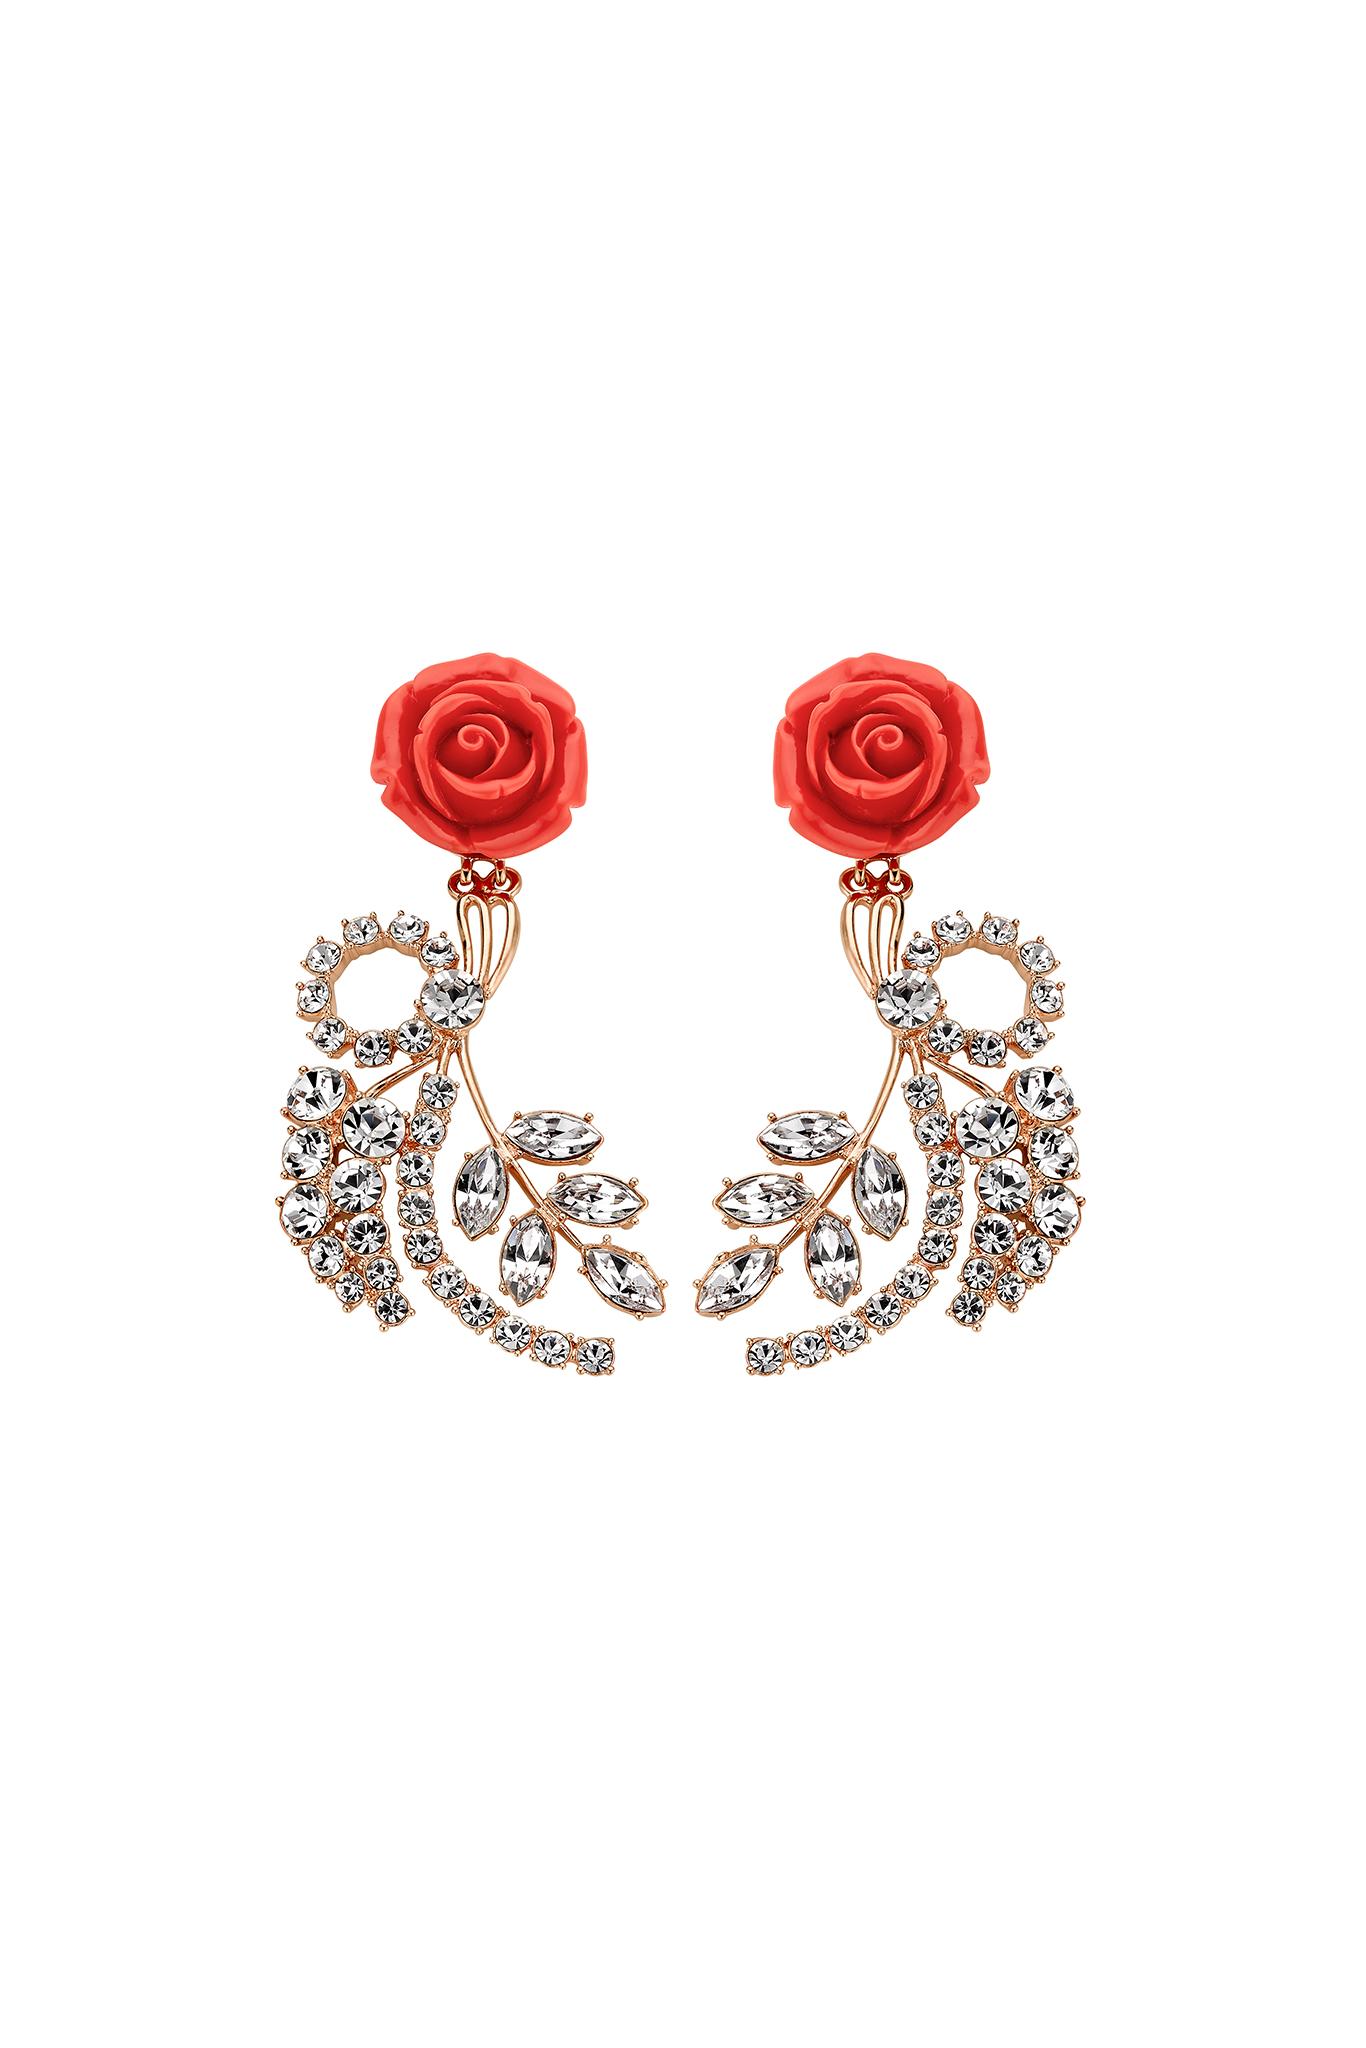 02-03-statement-earrings.jpg